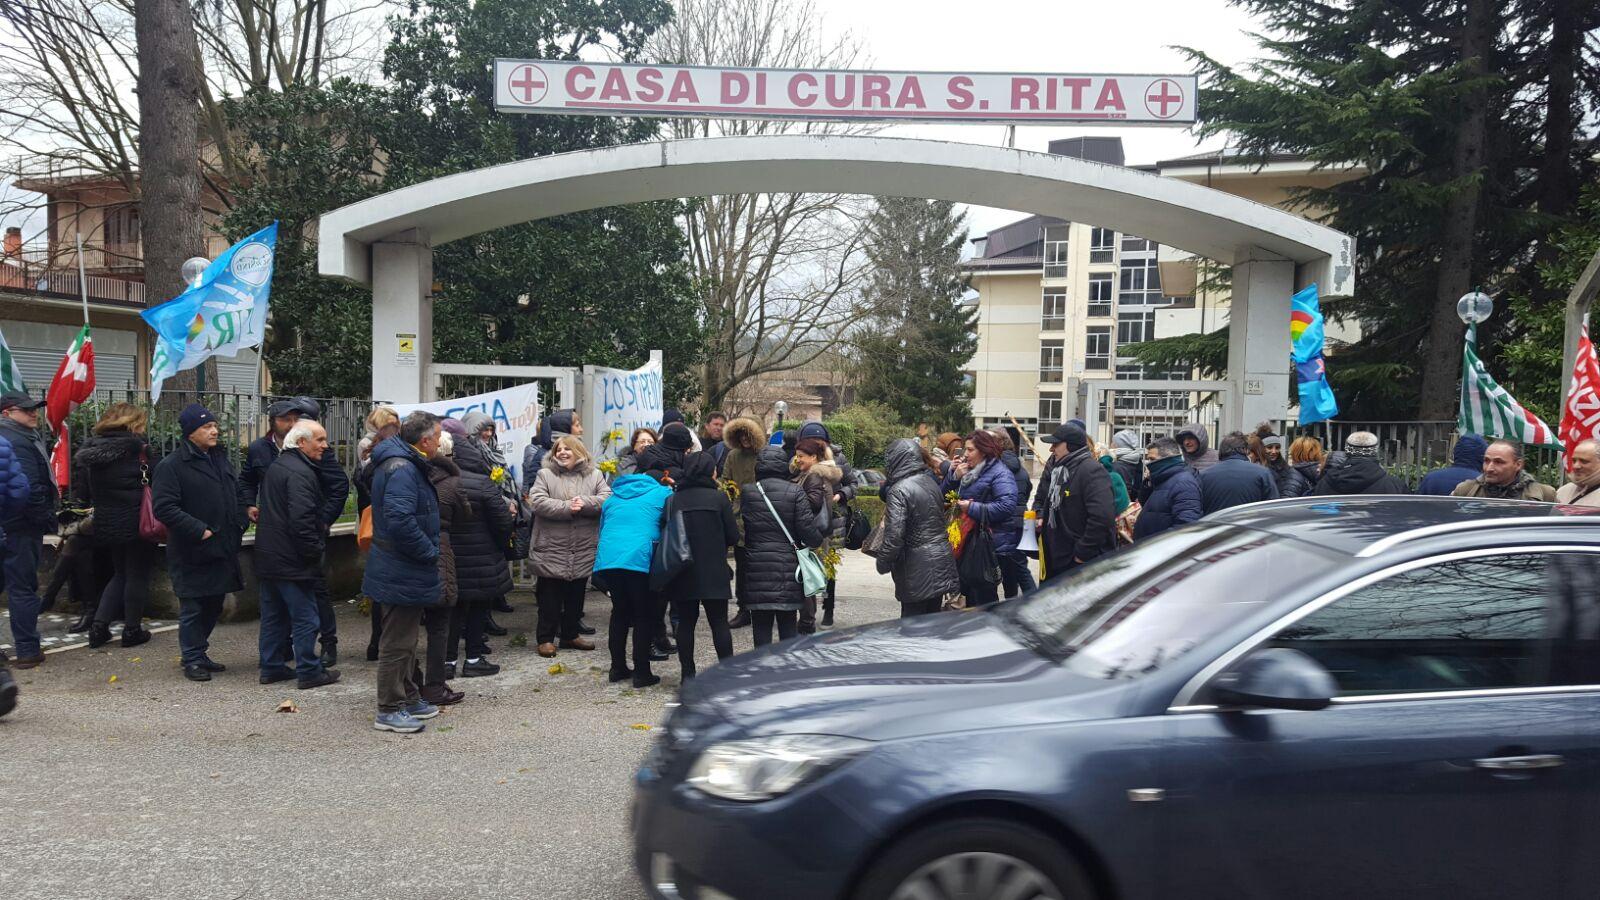 Atripalda  Sciopero alla Clinica Santa Rita: Taccone sotto accusa